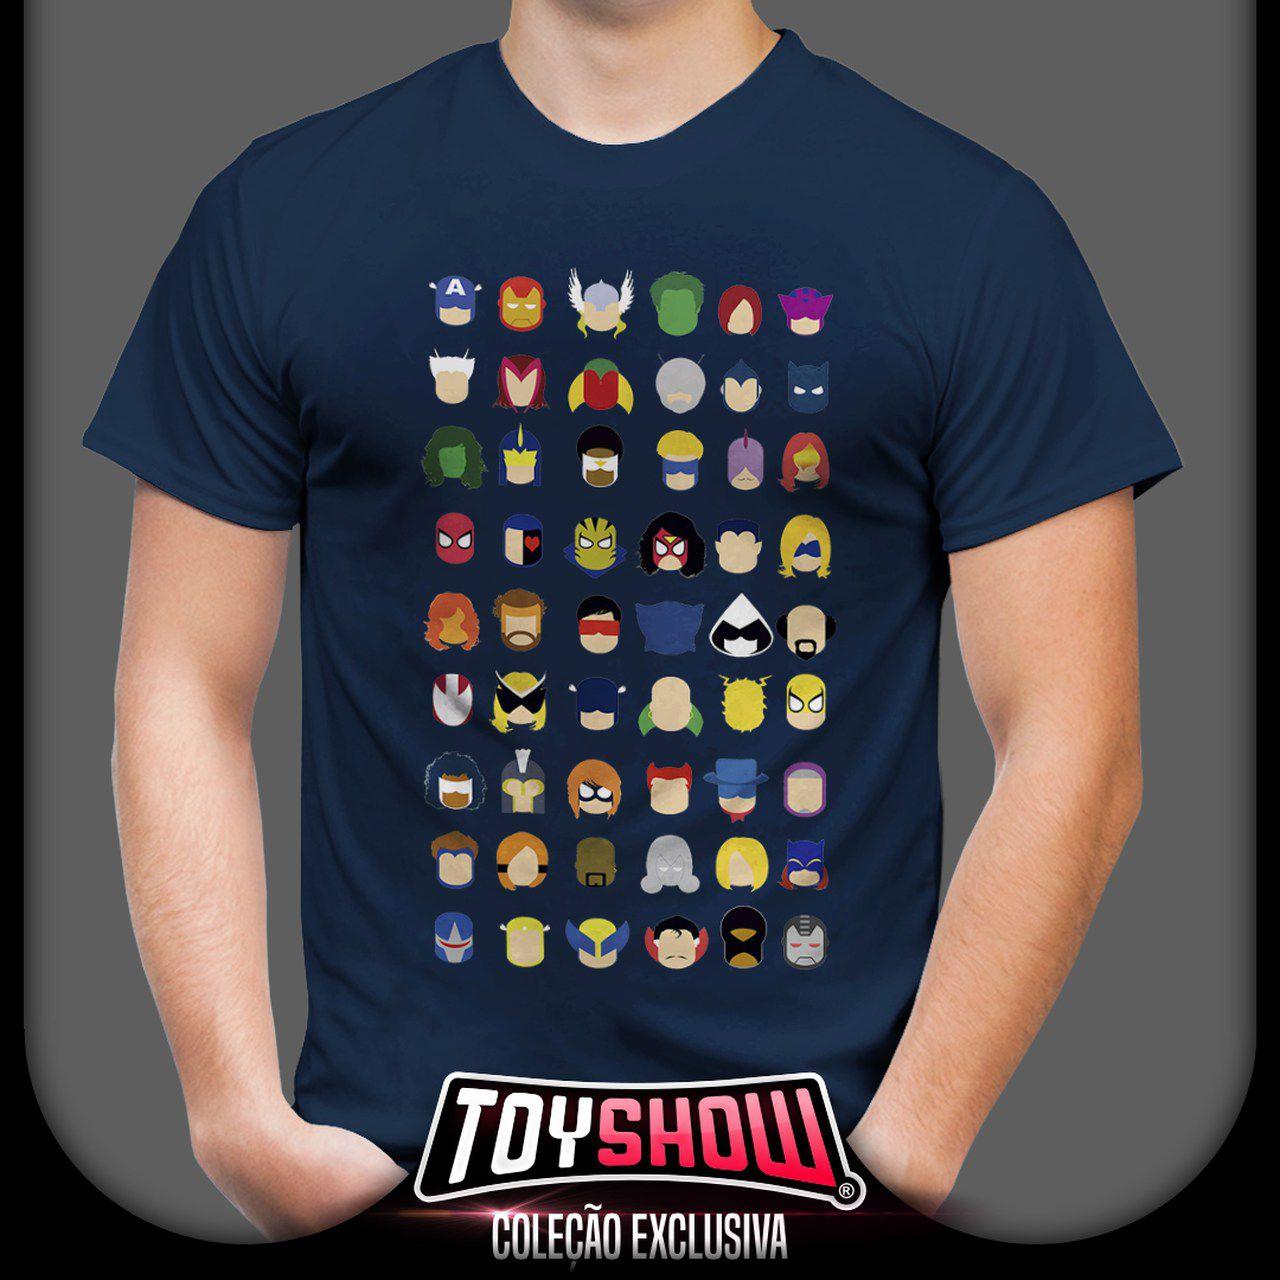 Camiseta Unissex Ícones Personagens Marvel - Exclusiva Toyshow (Azul)